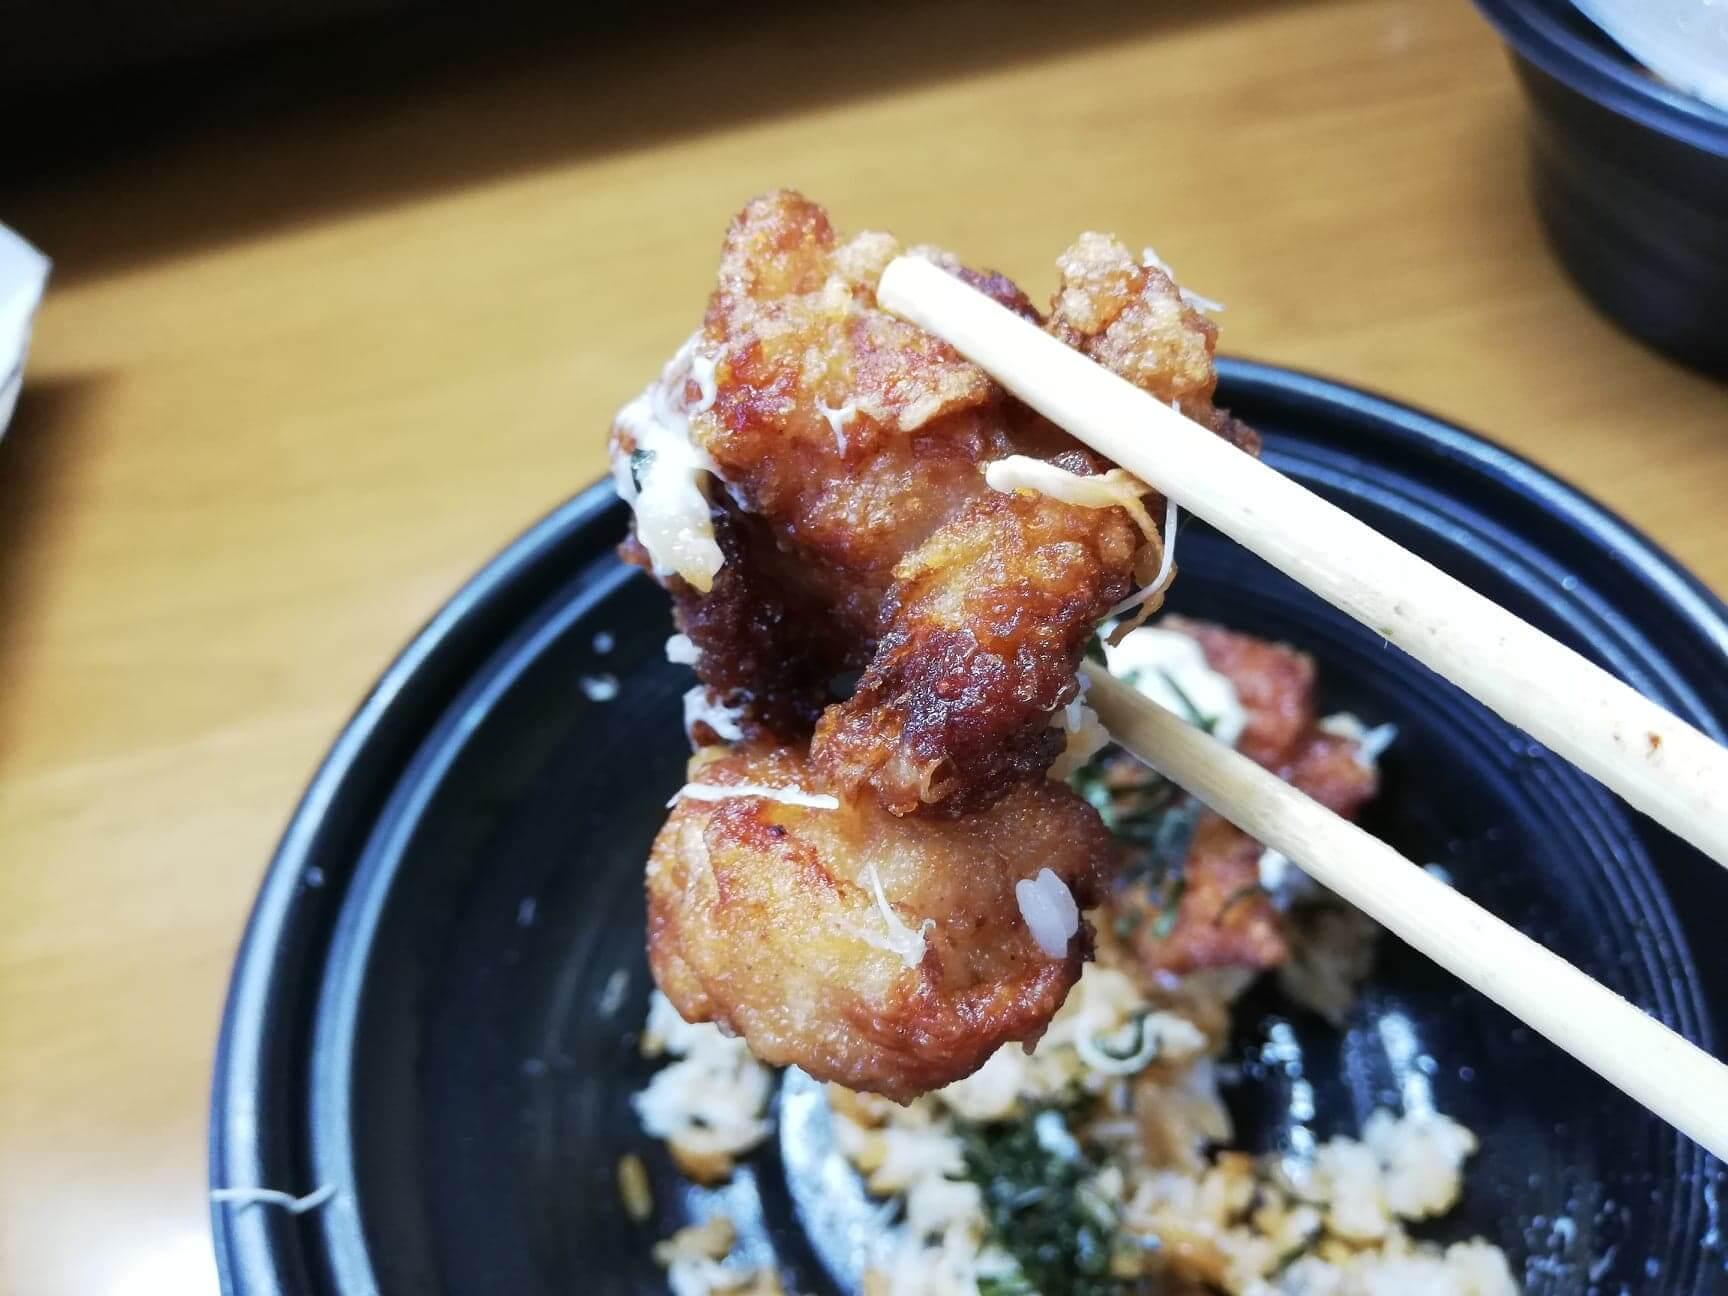 ガストのテイクアウトメニュー『ランチ唐揚げテリタル丼』の唐揚げを箸で持ち上げた写真